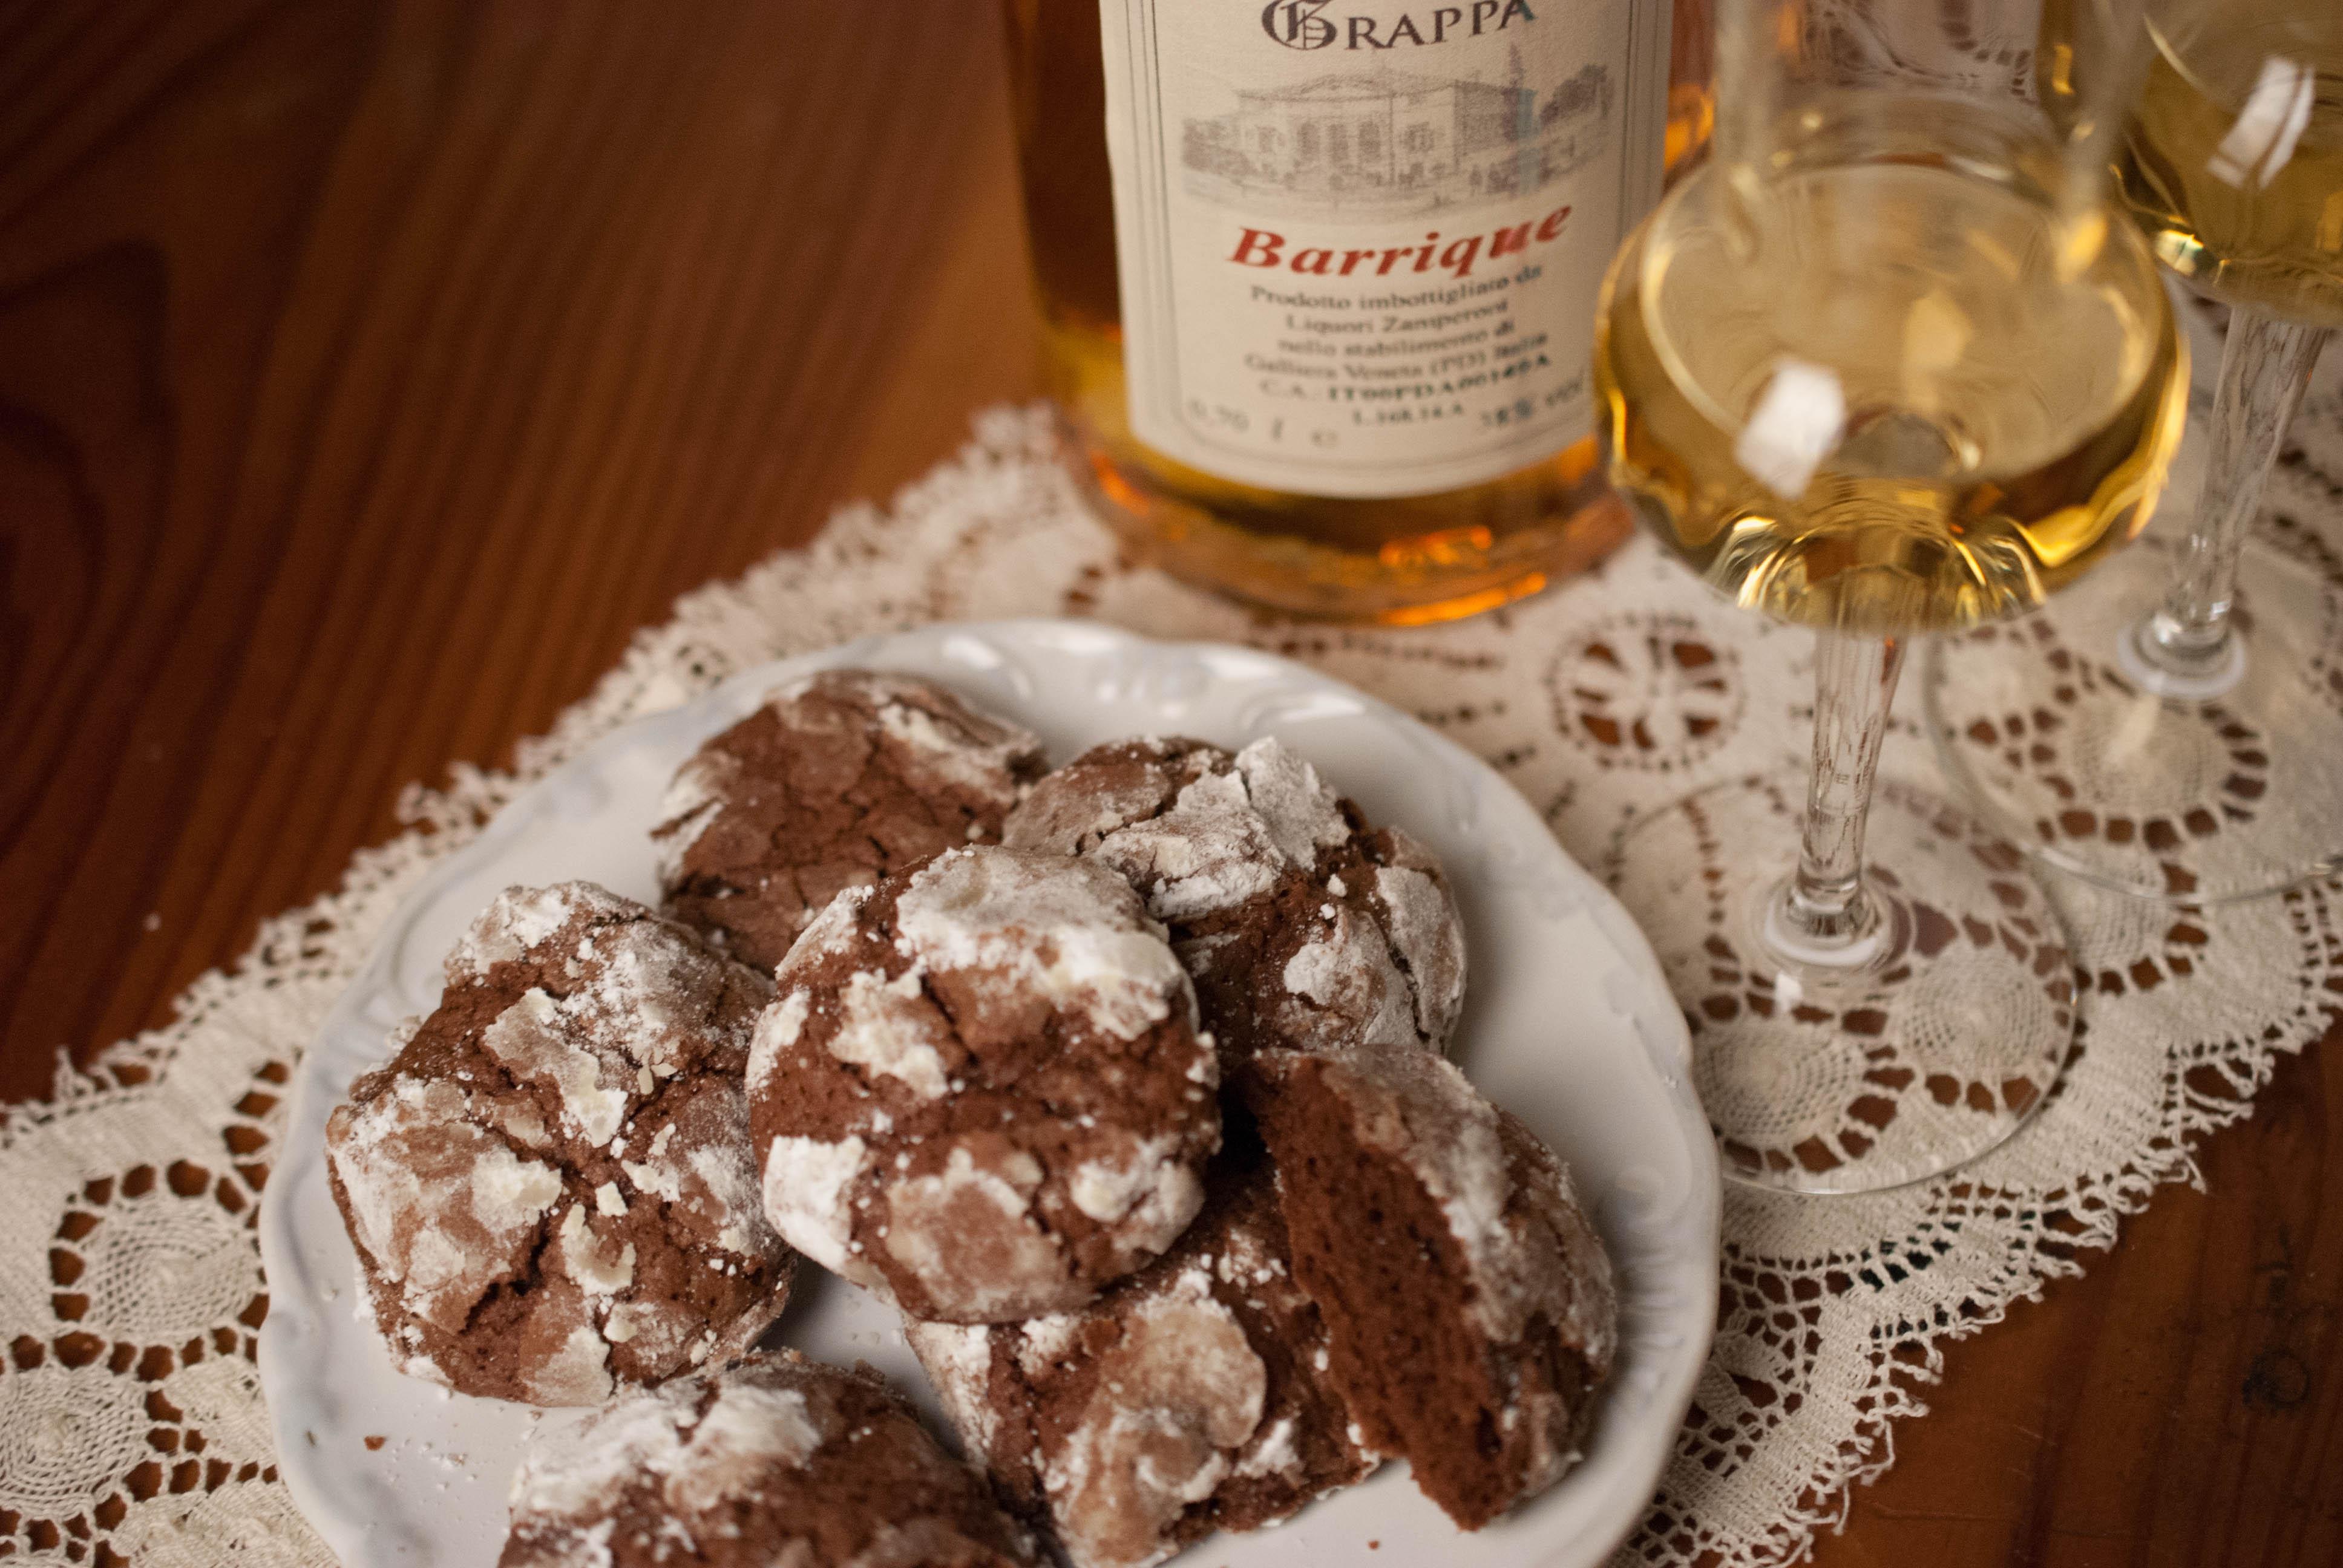 biscotti al cioccolato profumati con grappa